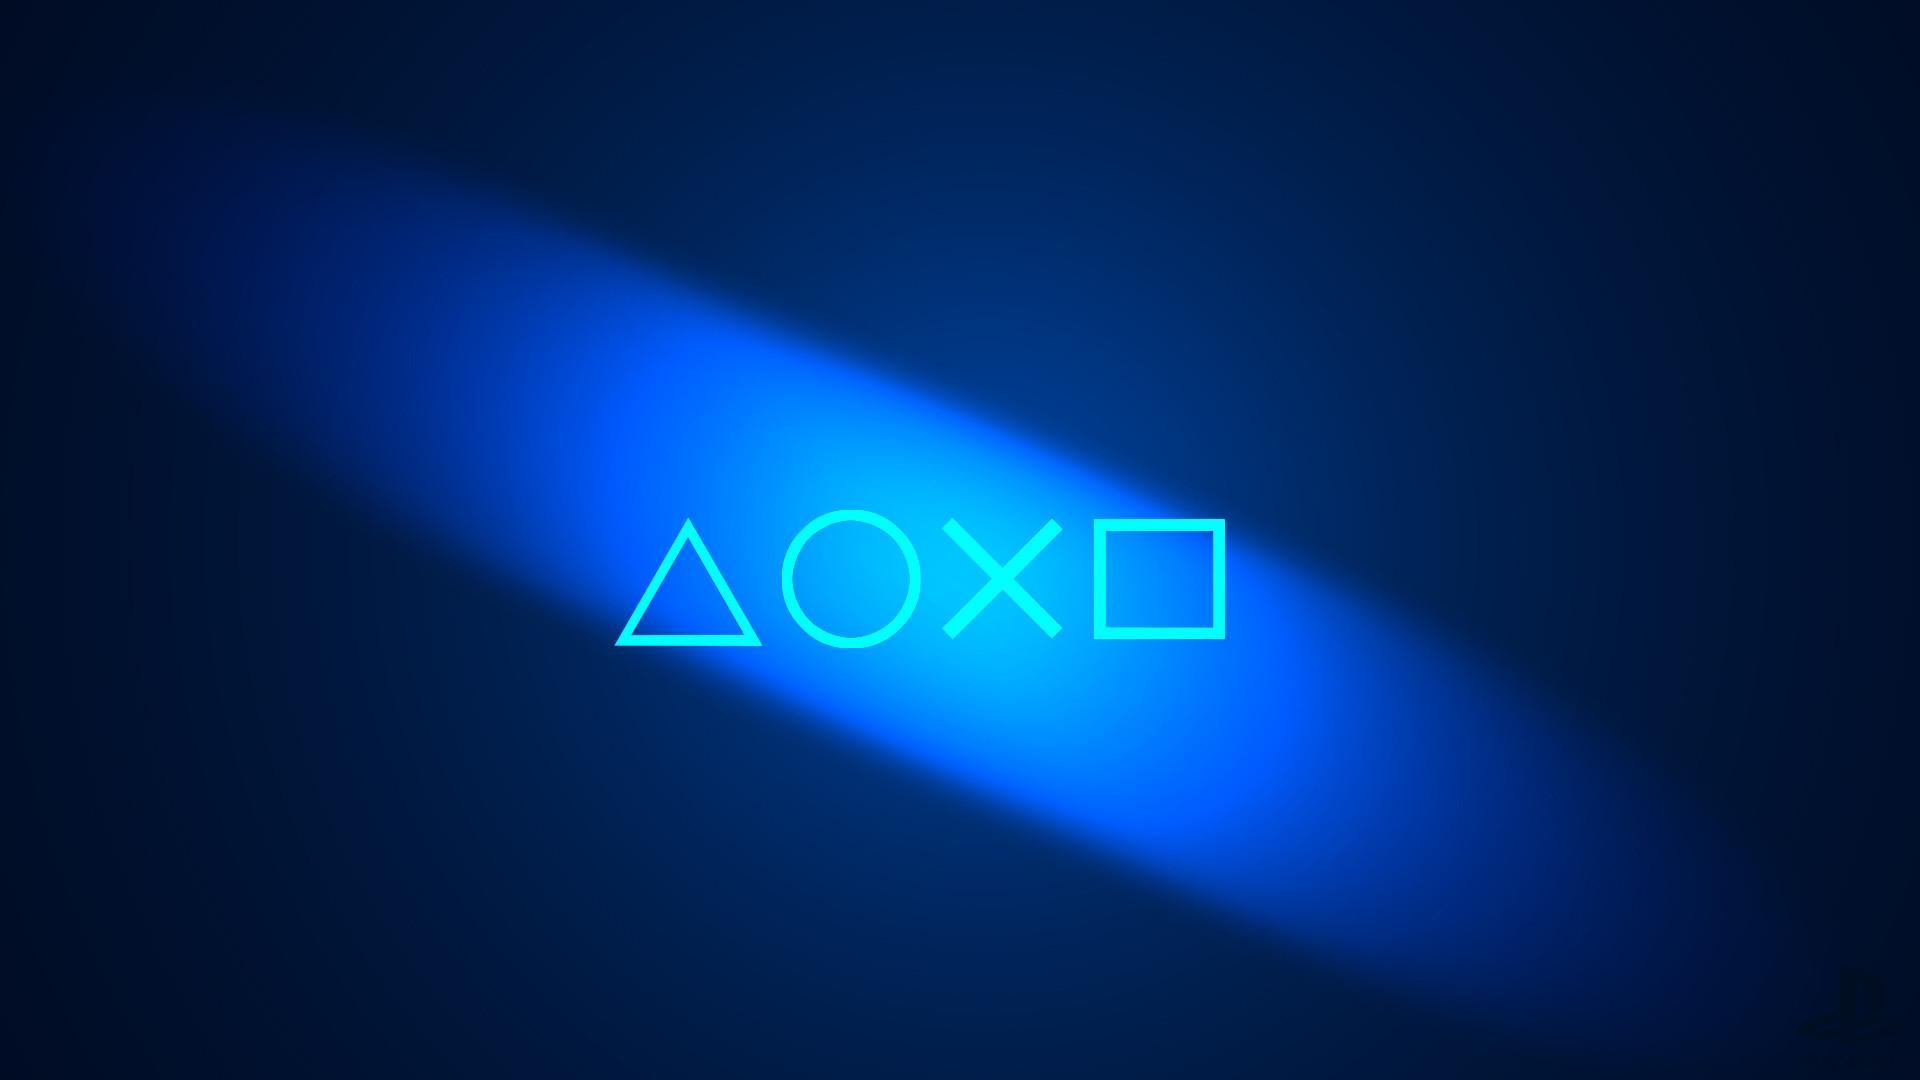 ps4 wallpaper,blue,electric blue,cobalt blue,light,azure